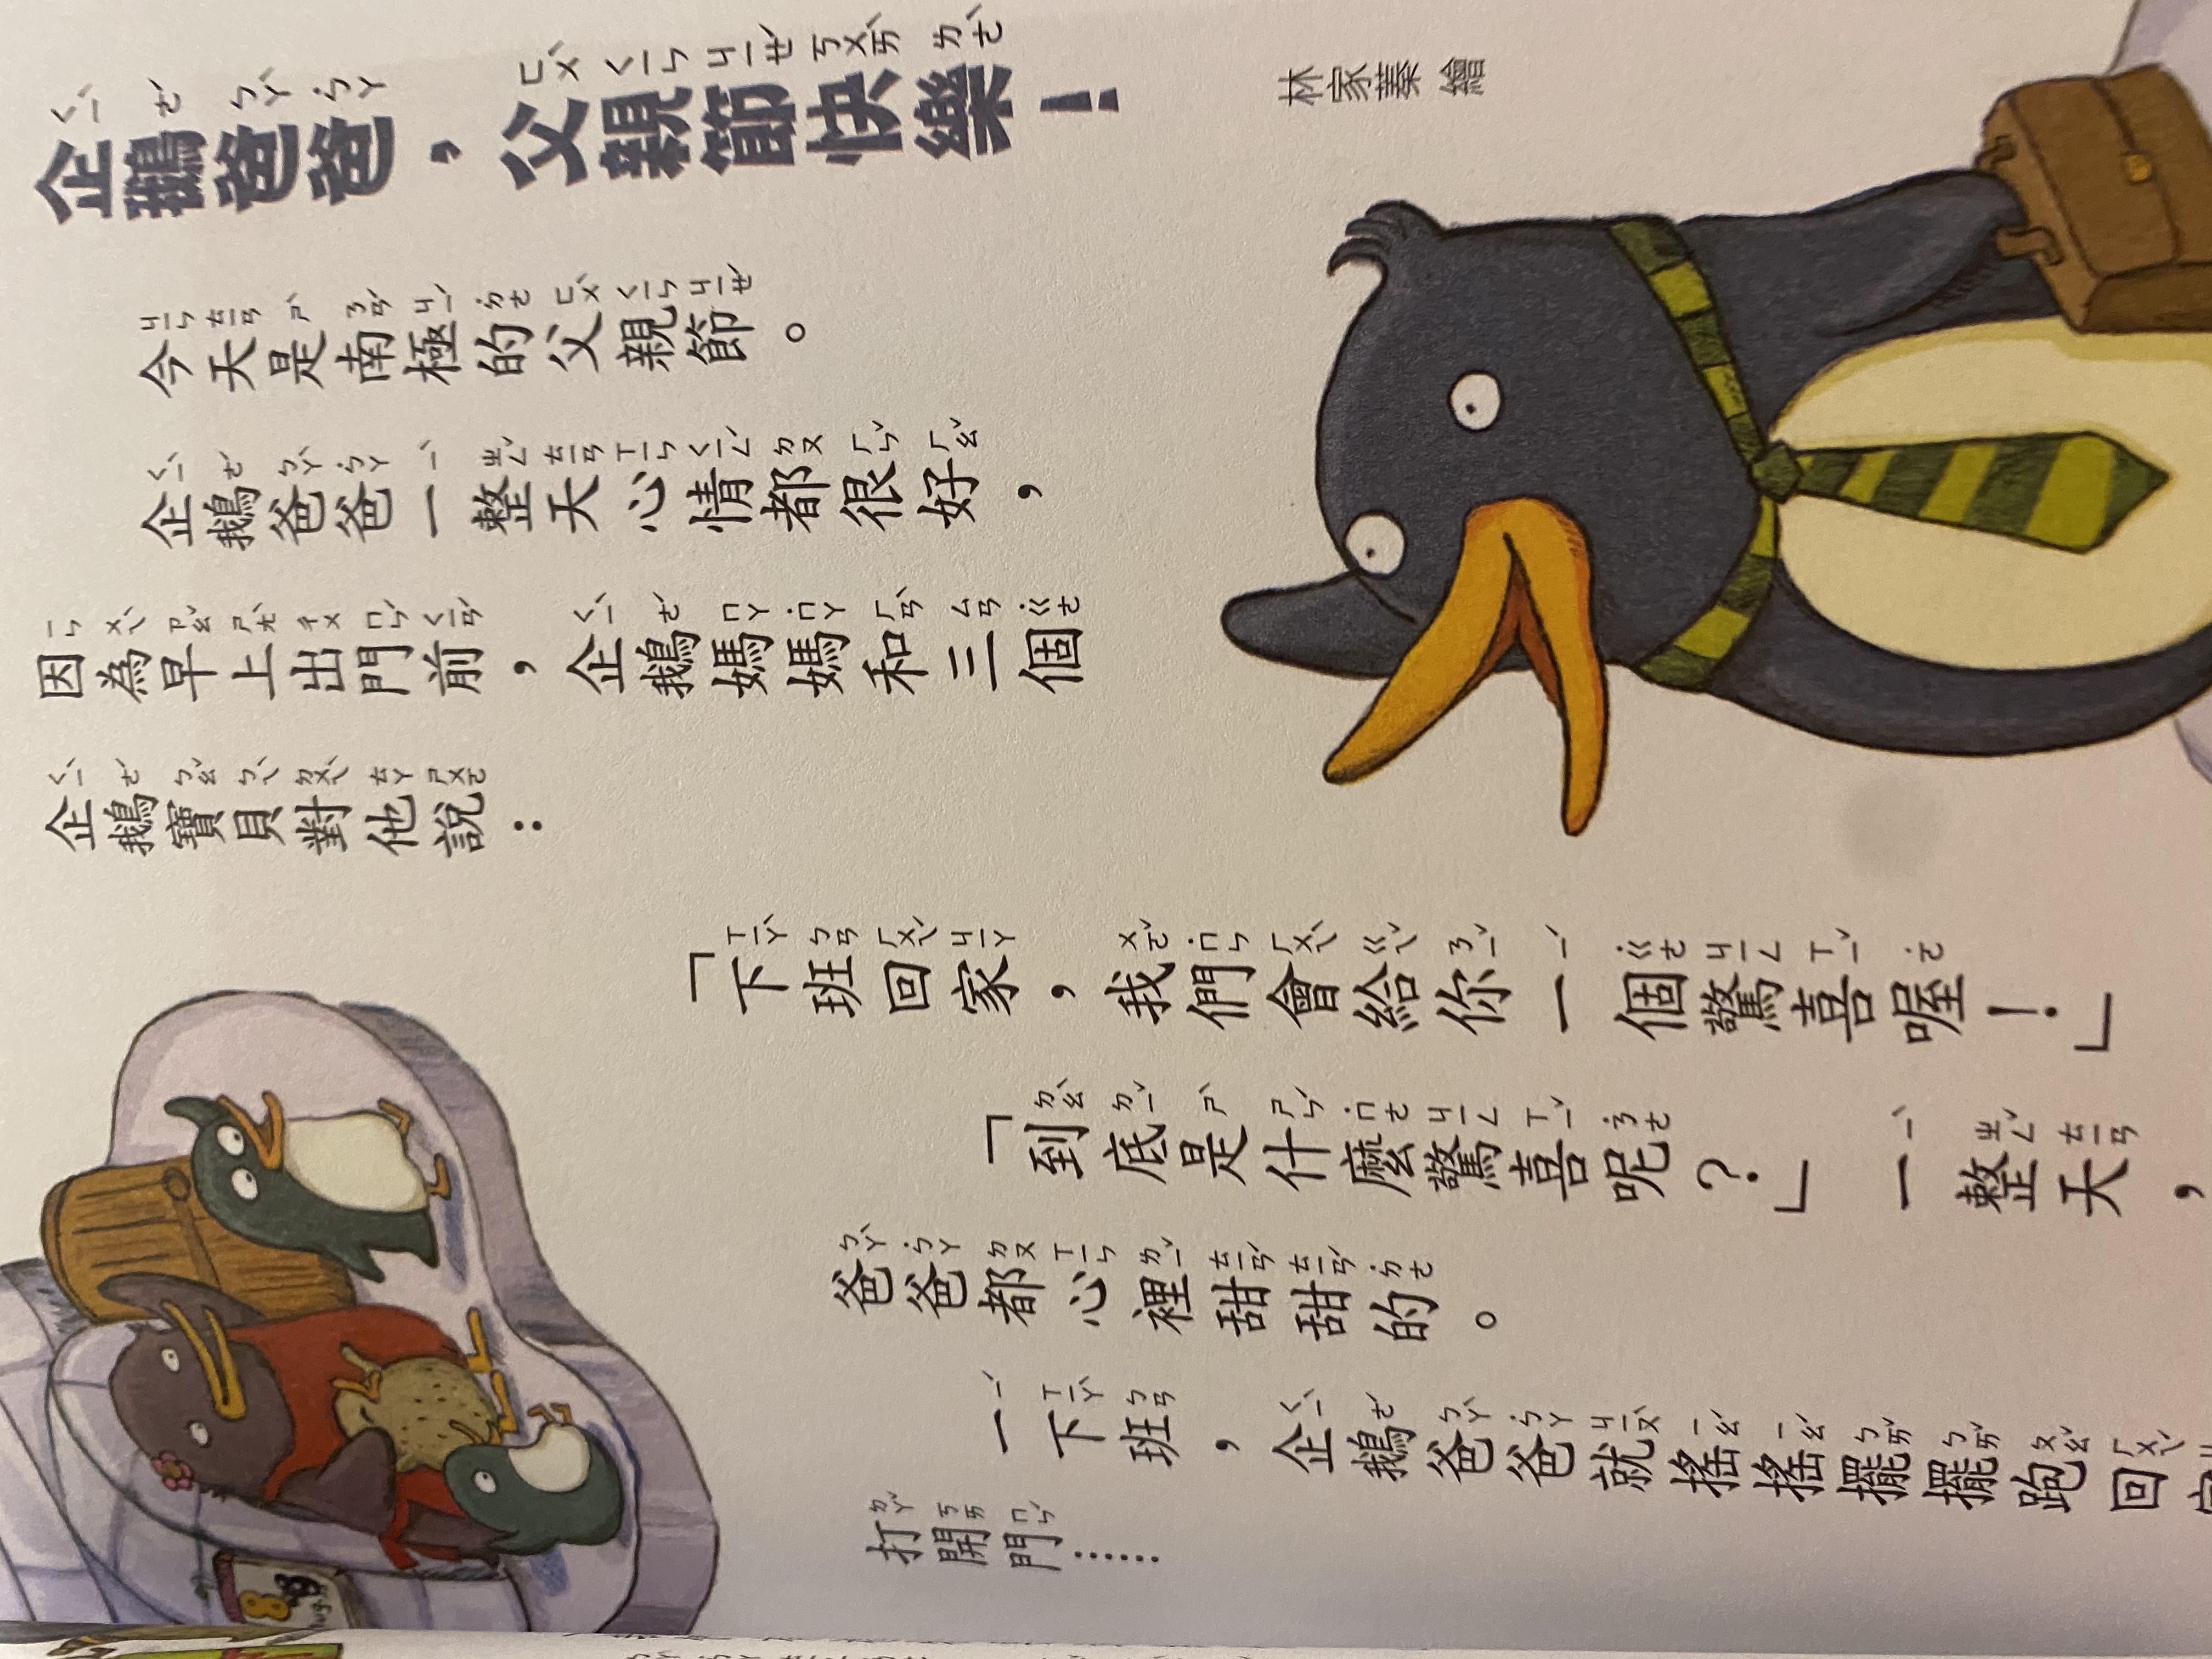 S3-133/ 企鵝爸爸 父親節快樂!/ 字的心情 / 小巫婆的心情夾心糖/ 文 哲也/ 圖 黃純玲、Pipi、林家蓁、郭敏祥/ 親子天下